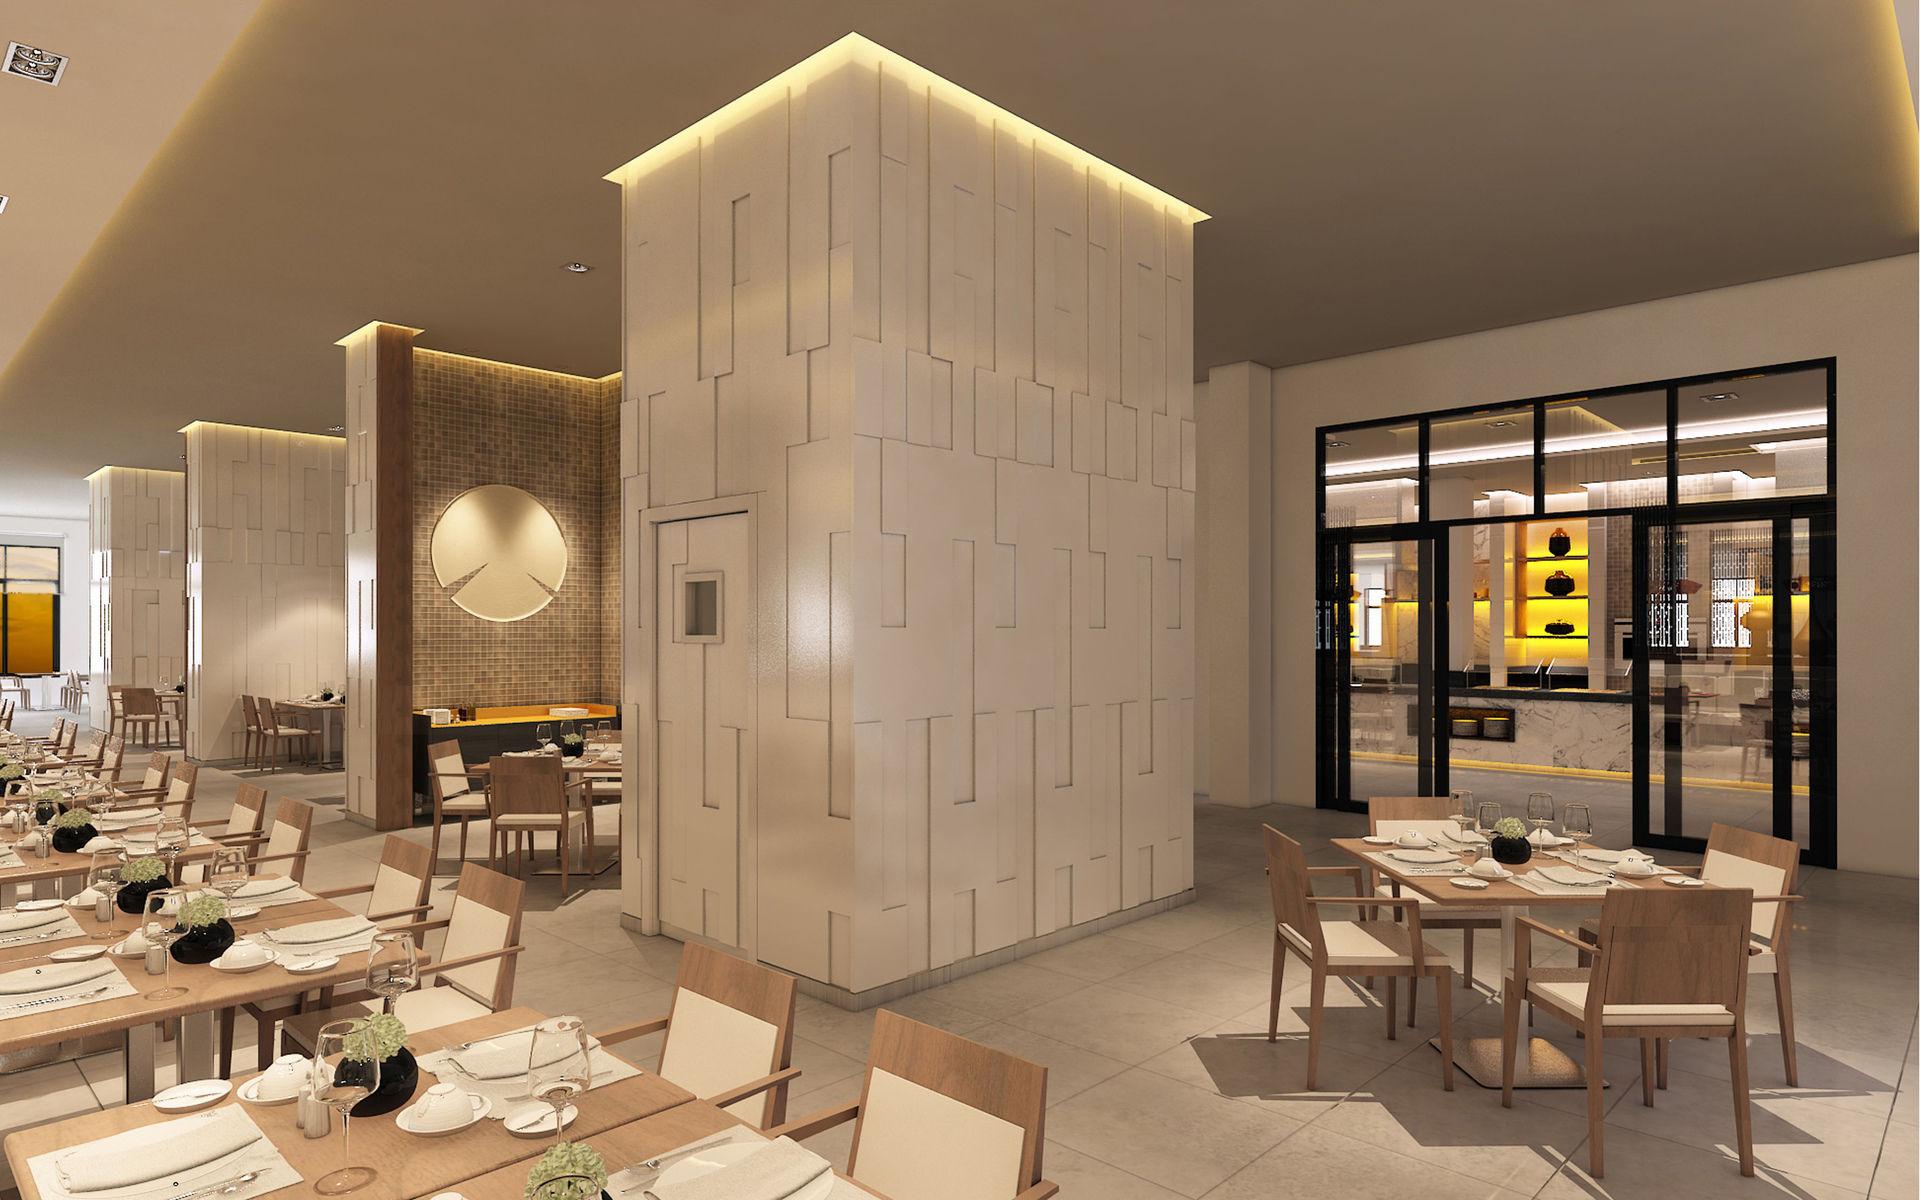 paradisus-loscayos-restaurantes-11100